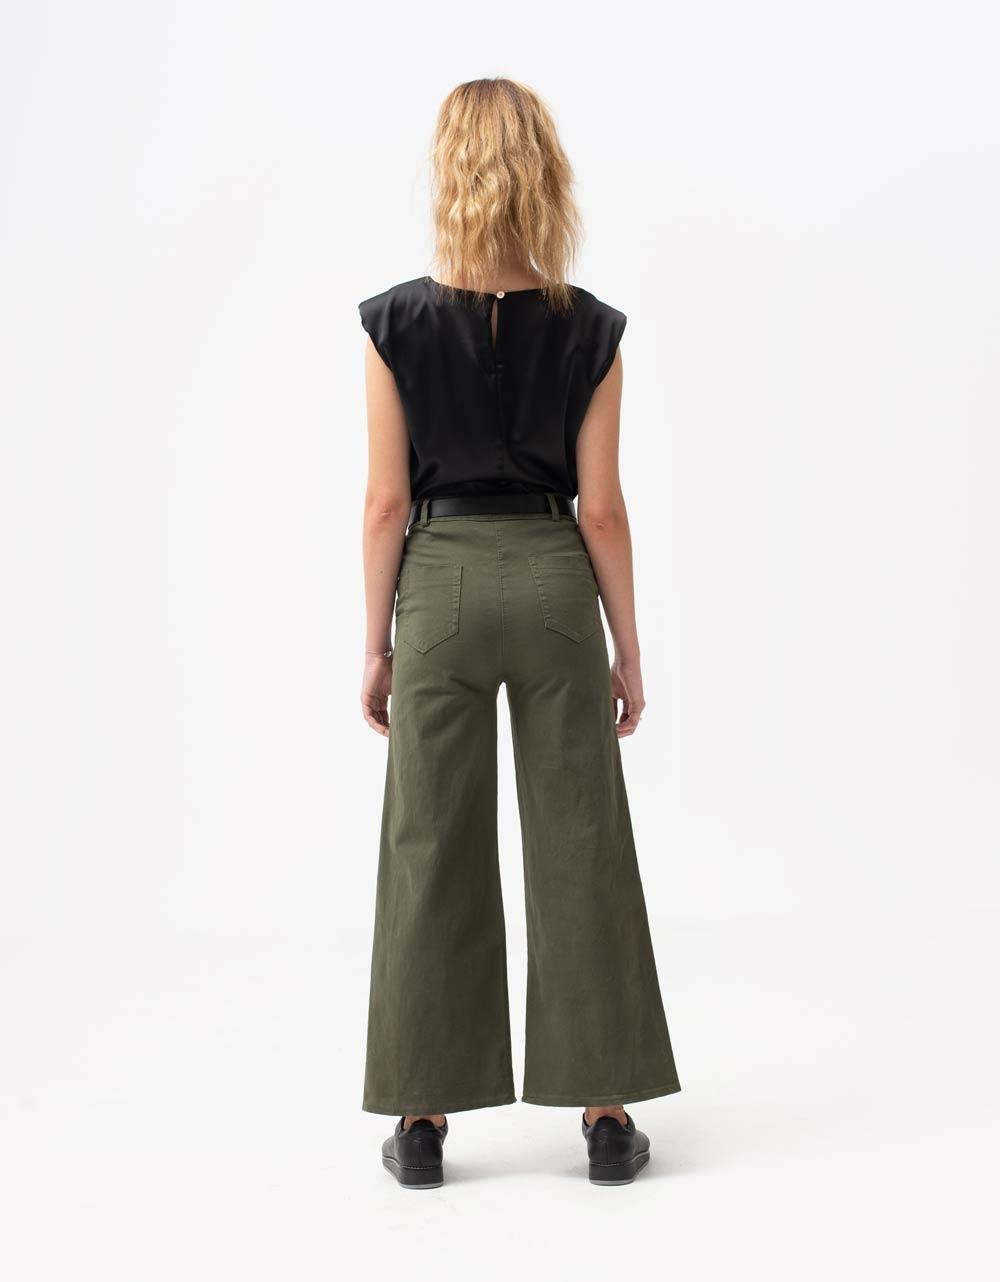 Εικόνα από Γυναικεία μπλούζα σατέν με βάτες Μαύρο